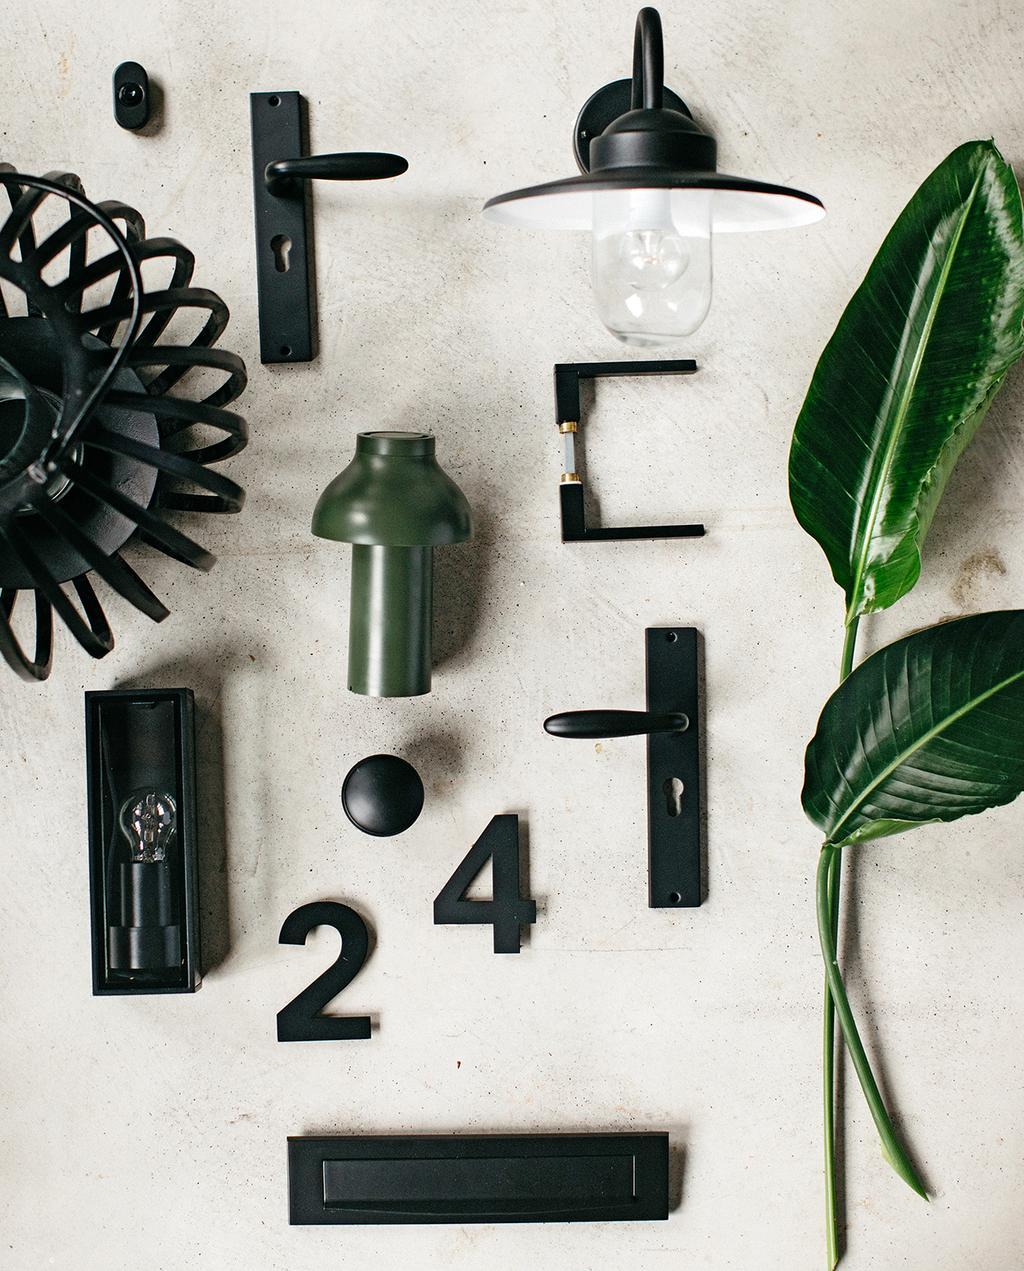 vtwonen tuin special 1 2020 | buitenverlichting en voordeur accessoires trendkleur zwart